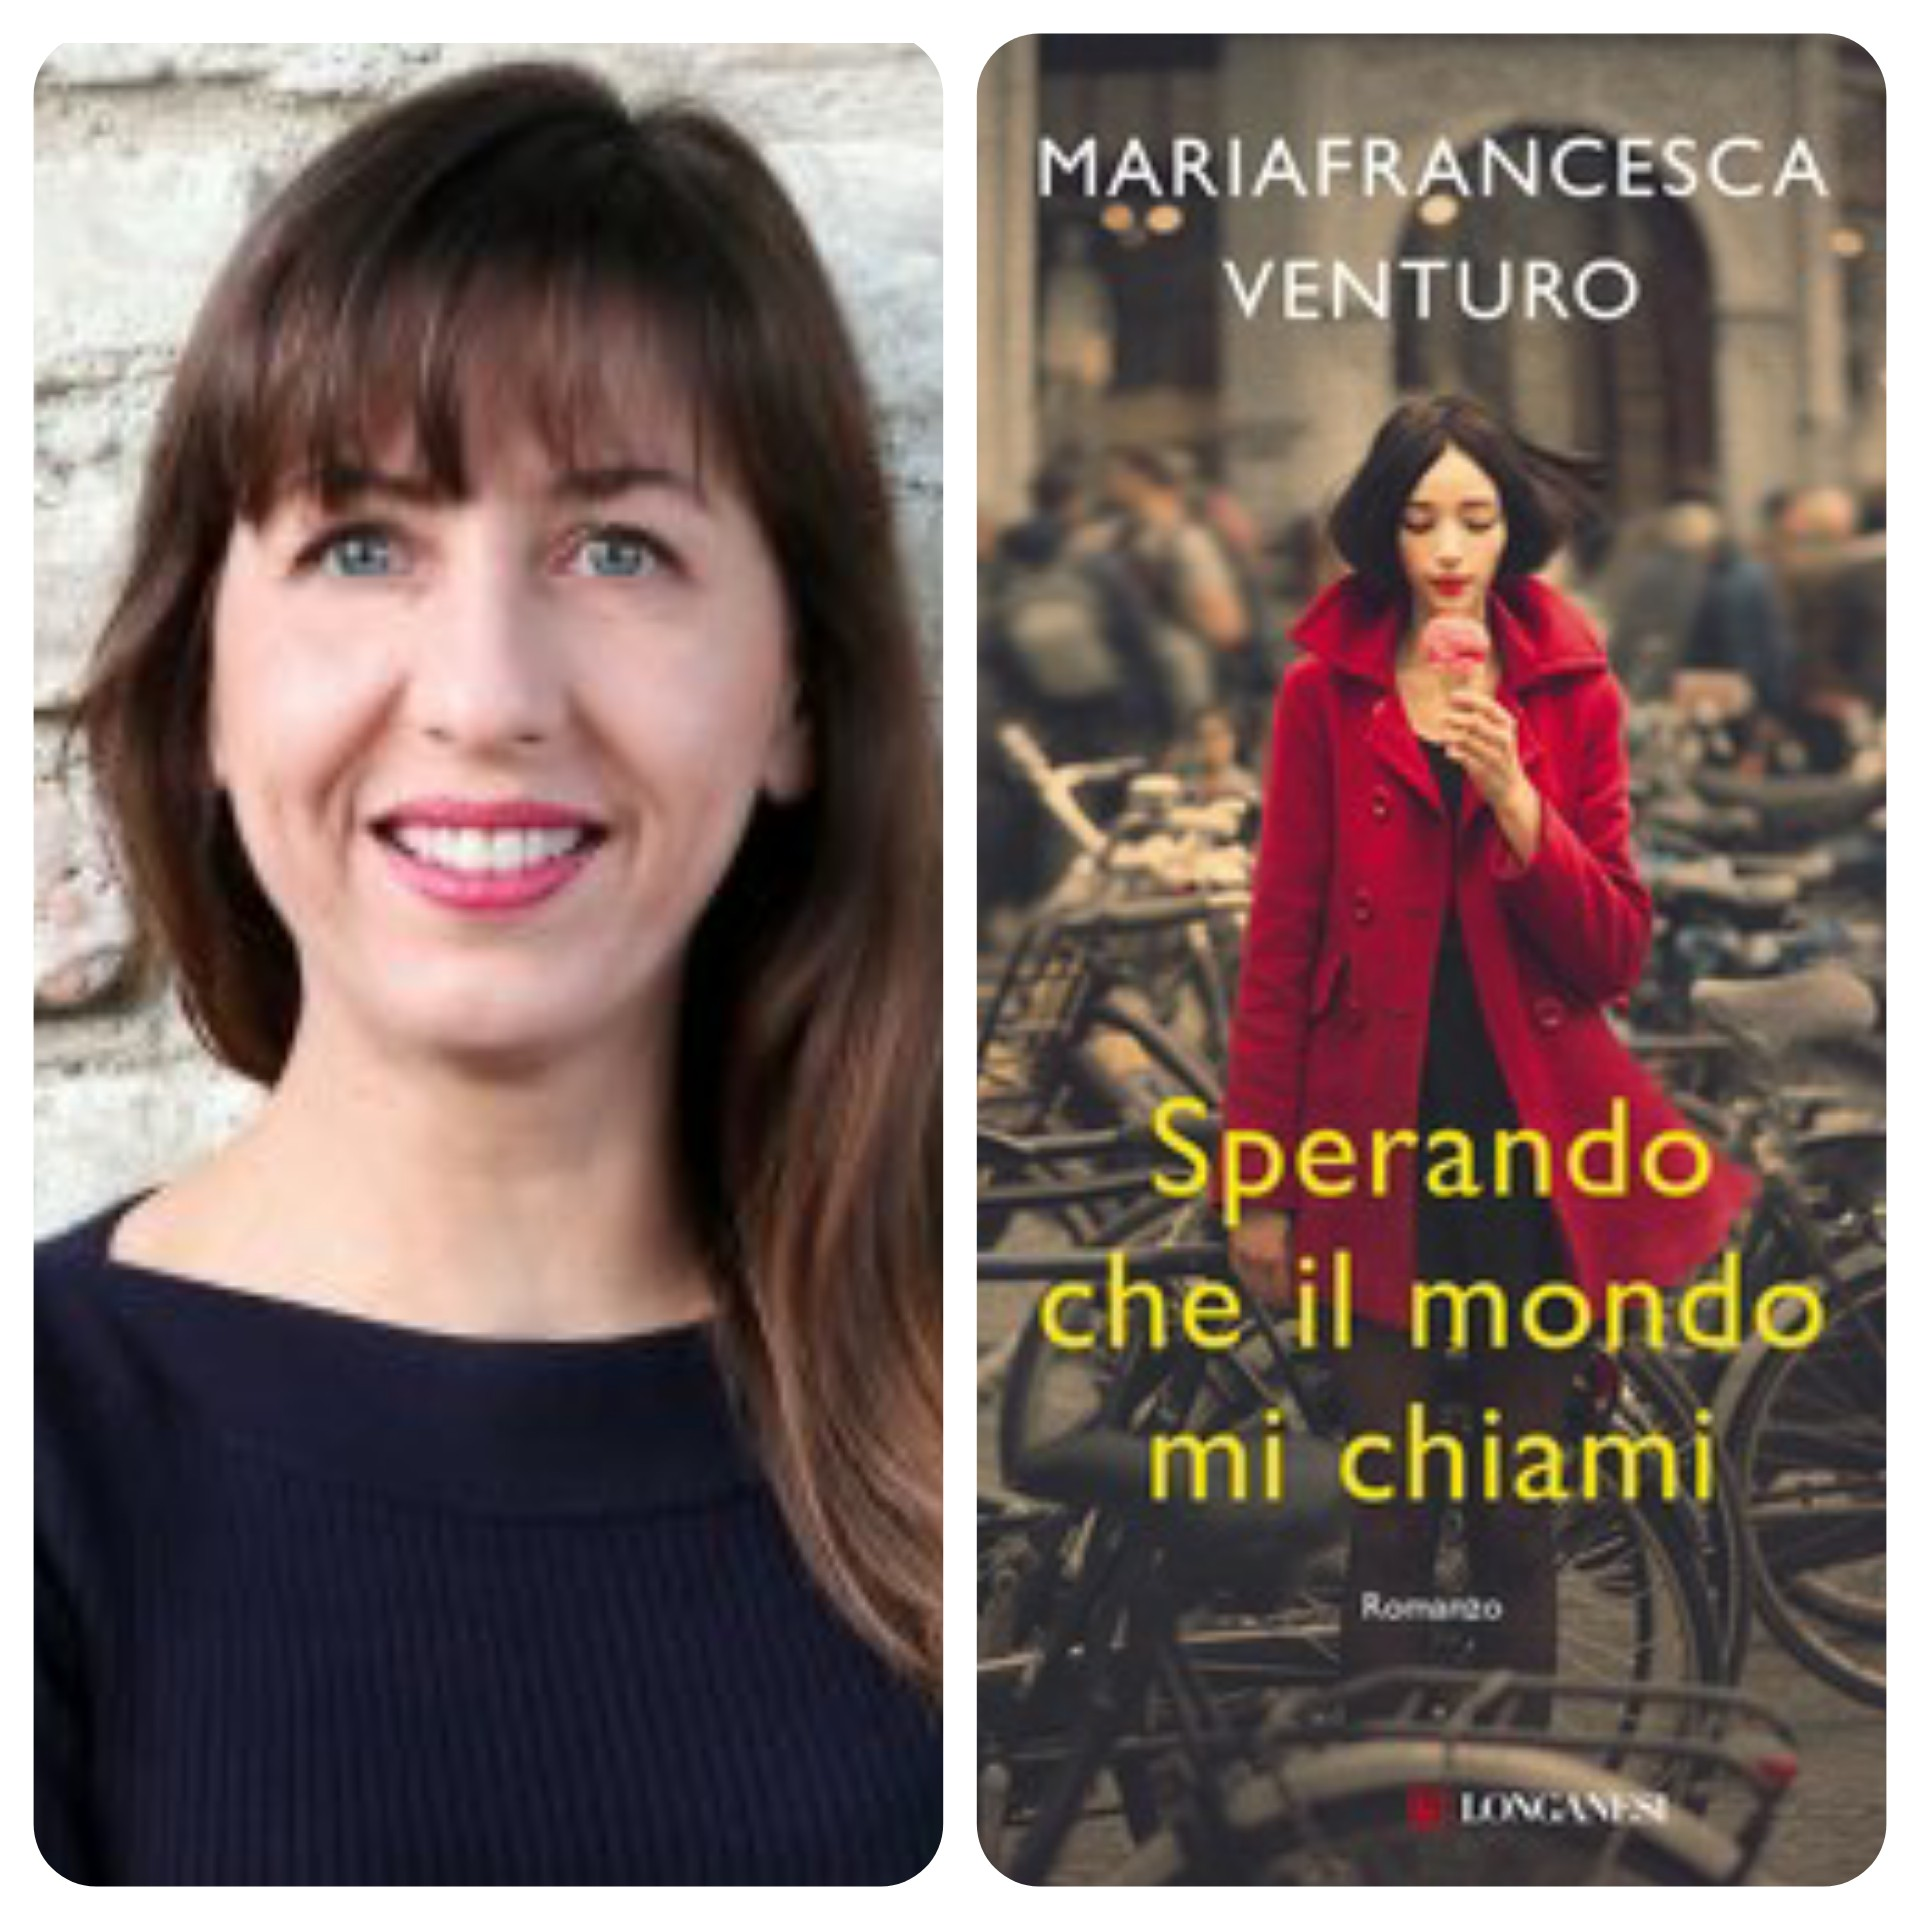 """""""Ve lo legge lo scrittore"""" stasera ospite del Blog: Maria  Francesca Venturo con il suo romanzo """"Sperando che il mondo mi chiami"""" edito da Longanesi"""